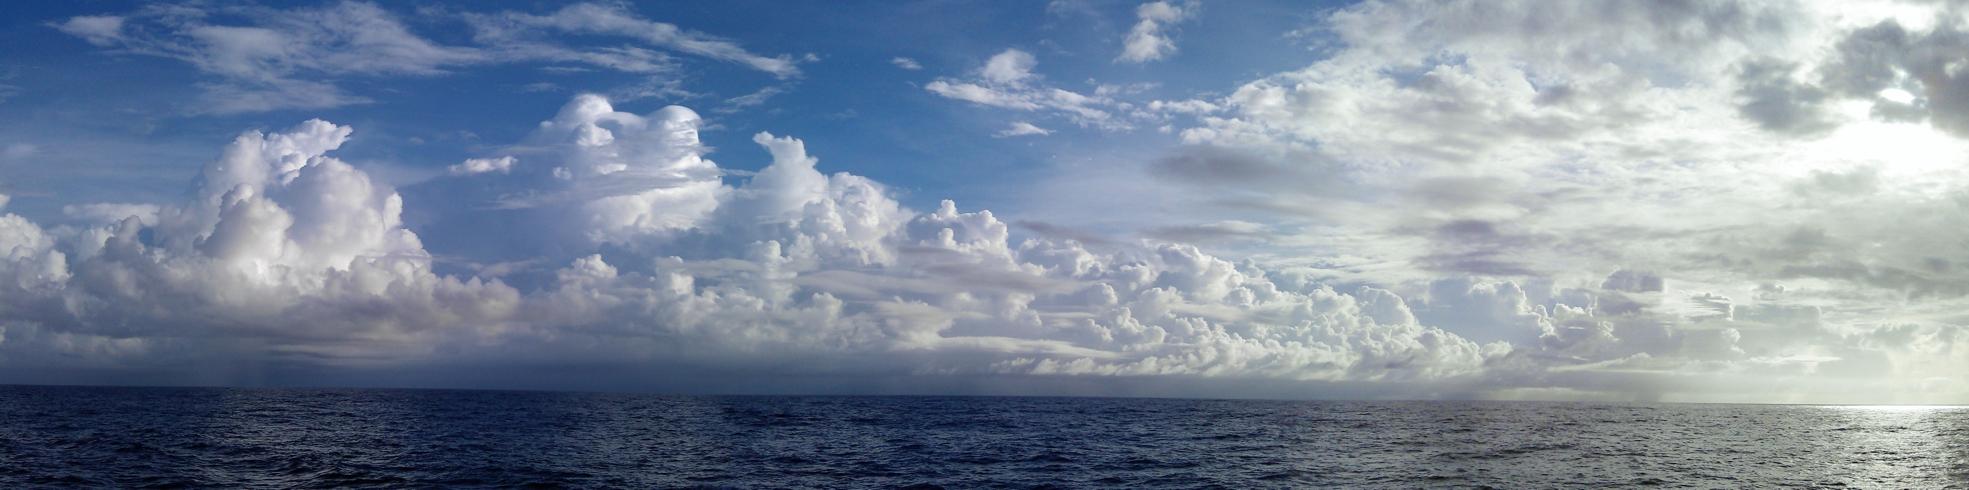 2012-10-17-cloud-panorama